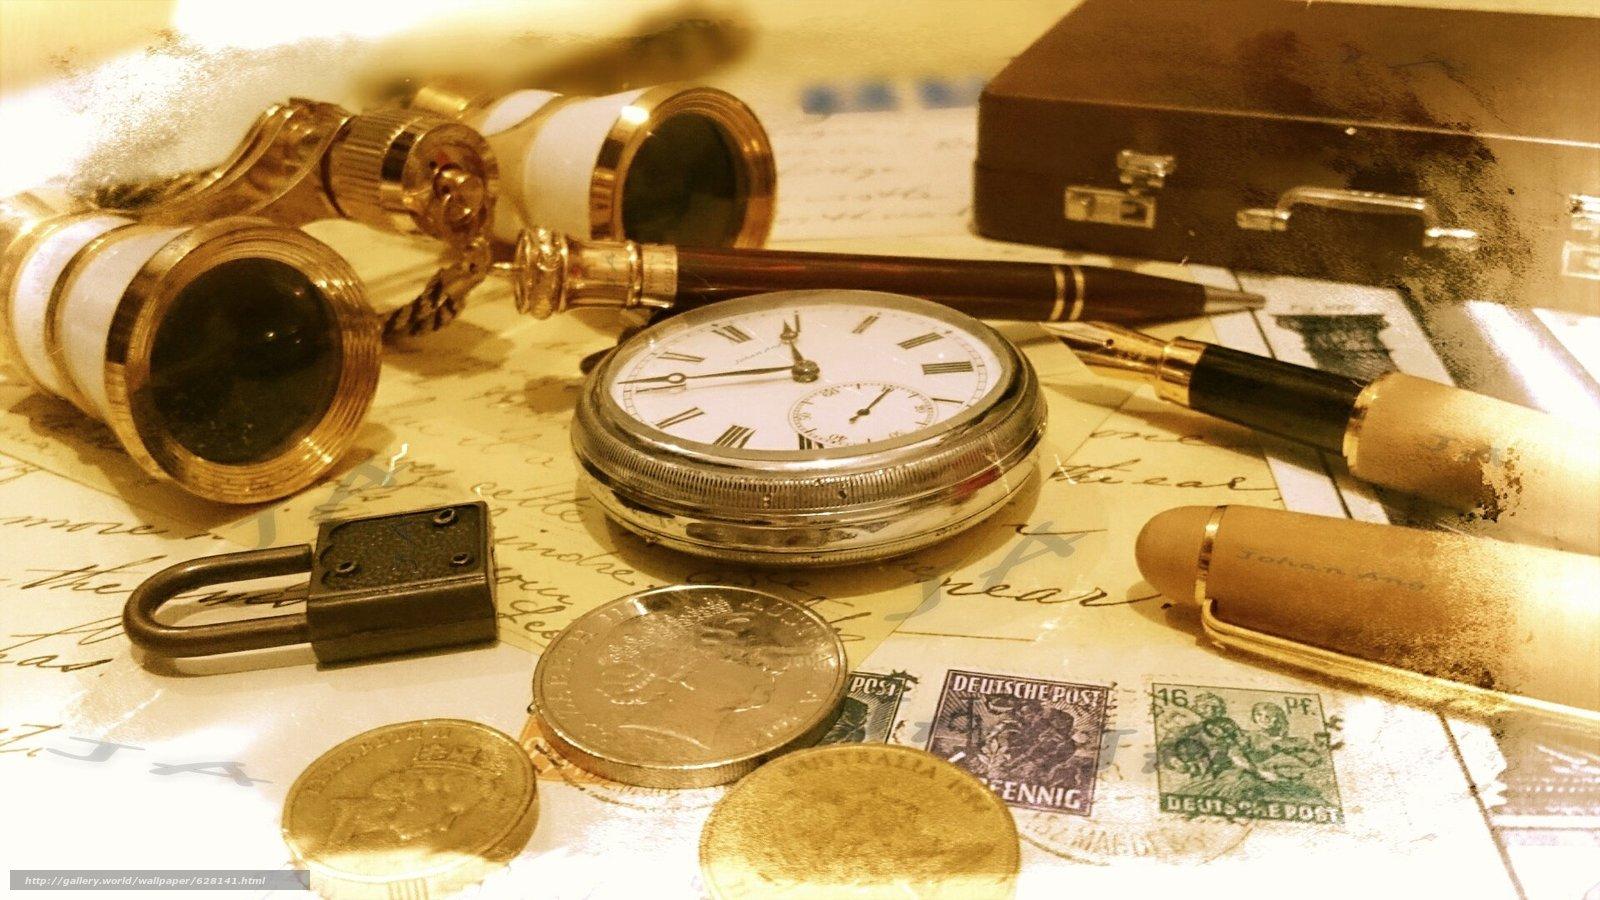 Скачать на телефон обои фото картинку на тему деньги, часы, бинокль, ручка, разширение 1920x1080